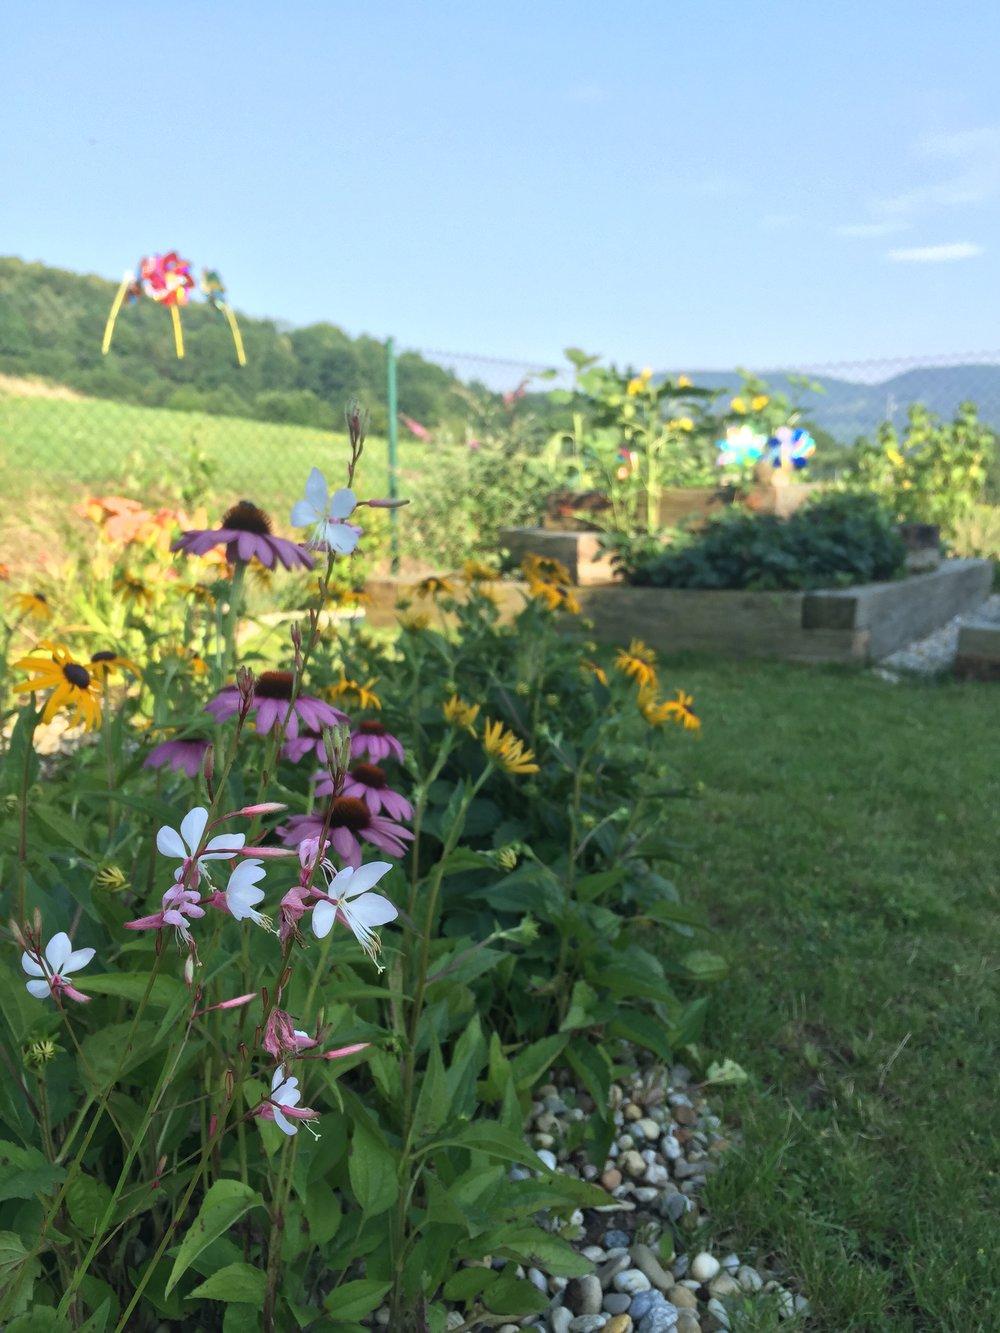 Kvetoucí záhony s trvalkami